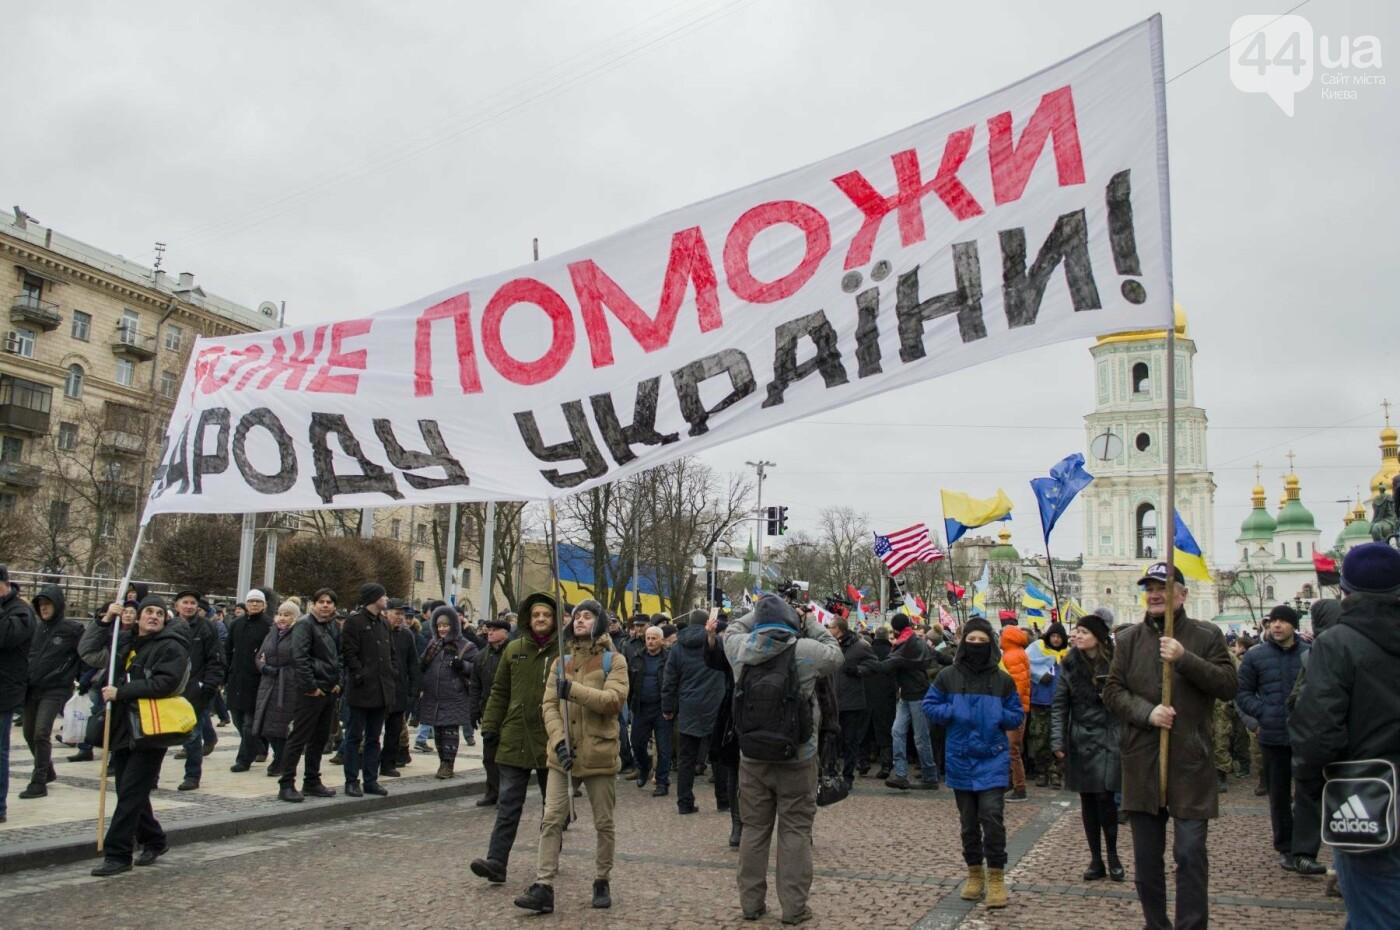 Порошенко дали 14 дней на отставку: Саакашвили провел очередной марш за импичмент, фото-8